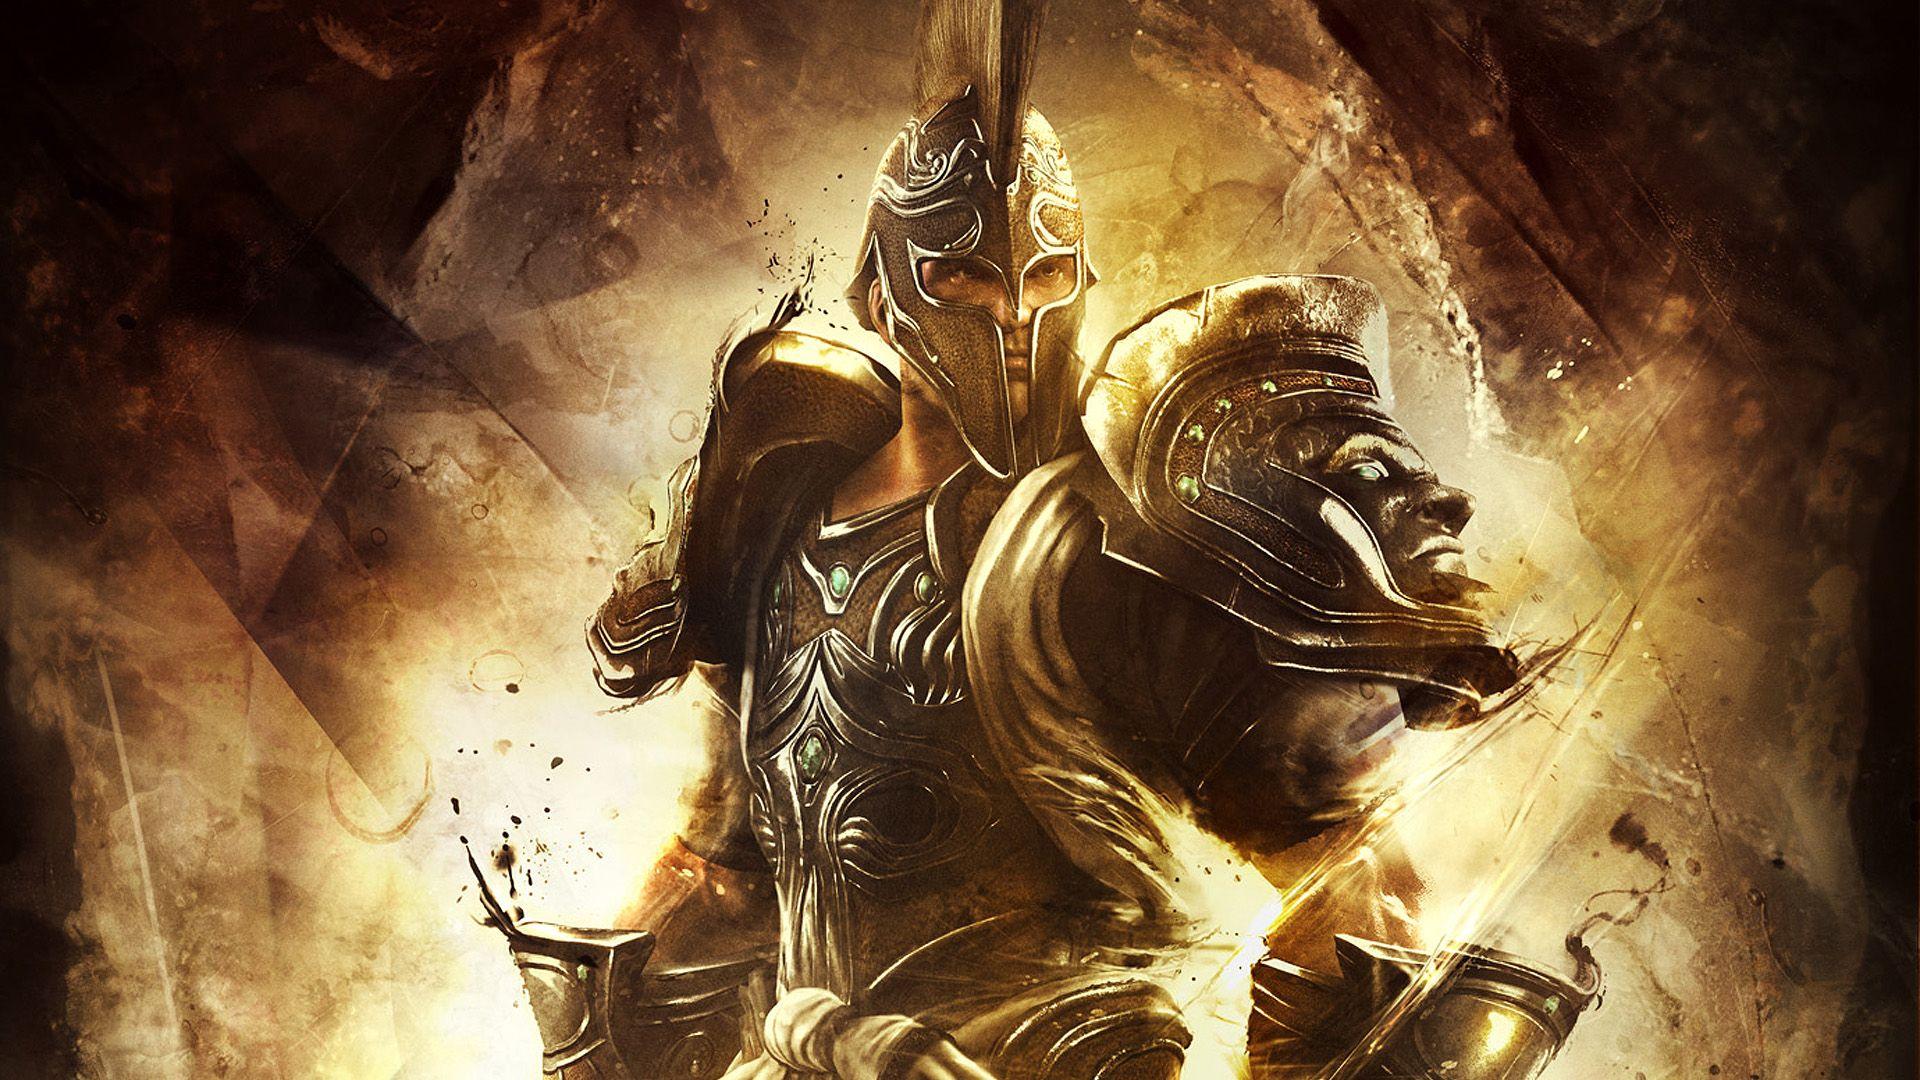 God Of War Series God Of War Ascension 2 Wallpaper By